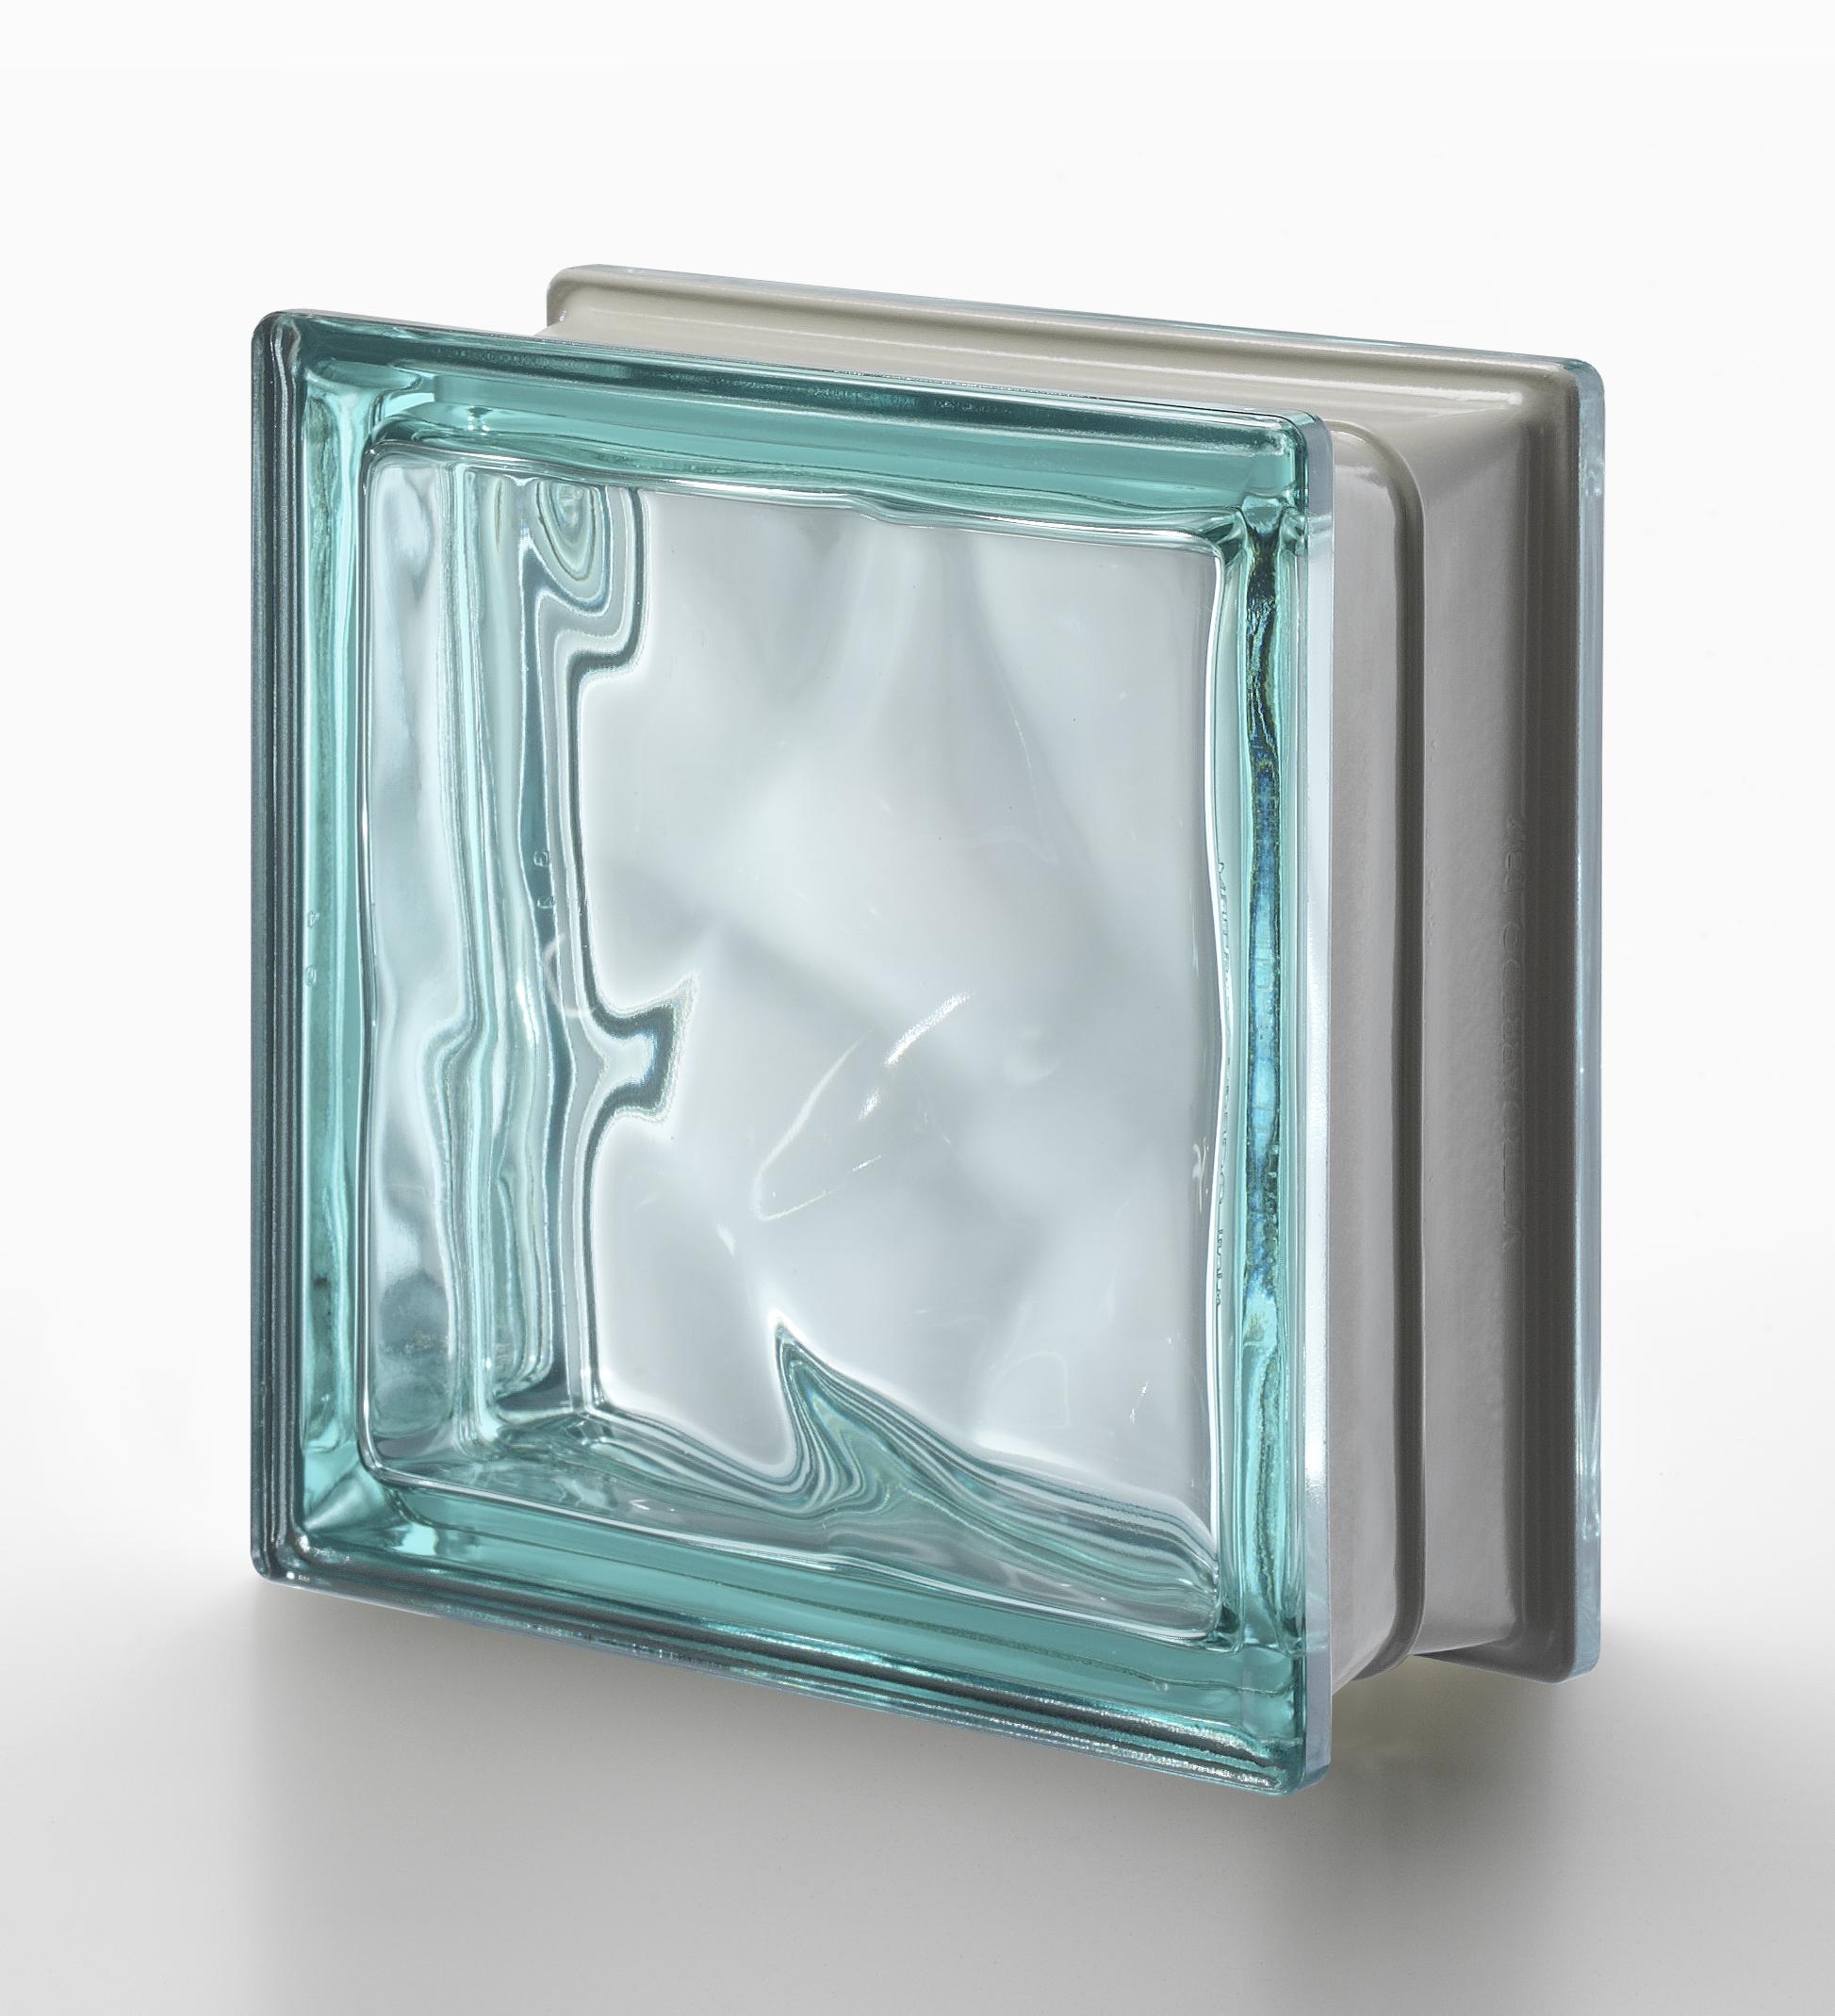 glastegel blu metallizato glastegelshop. Black Bedroom Furniture Sets. Home Design Ideas